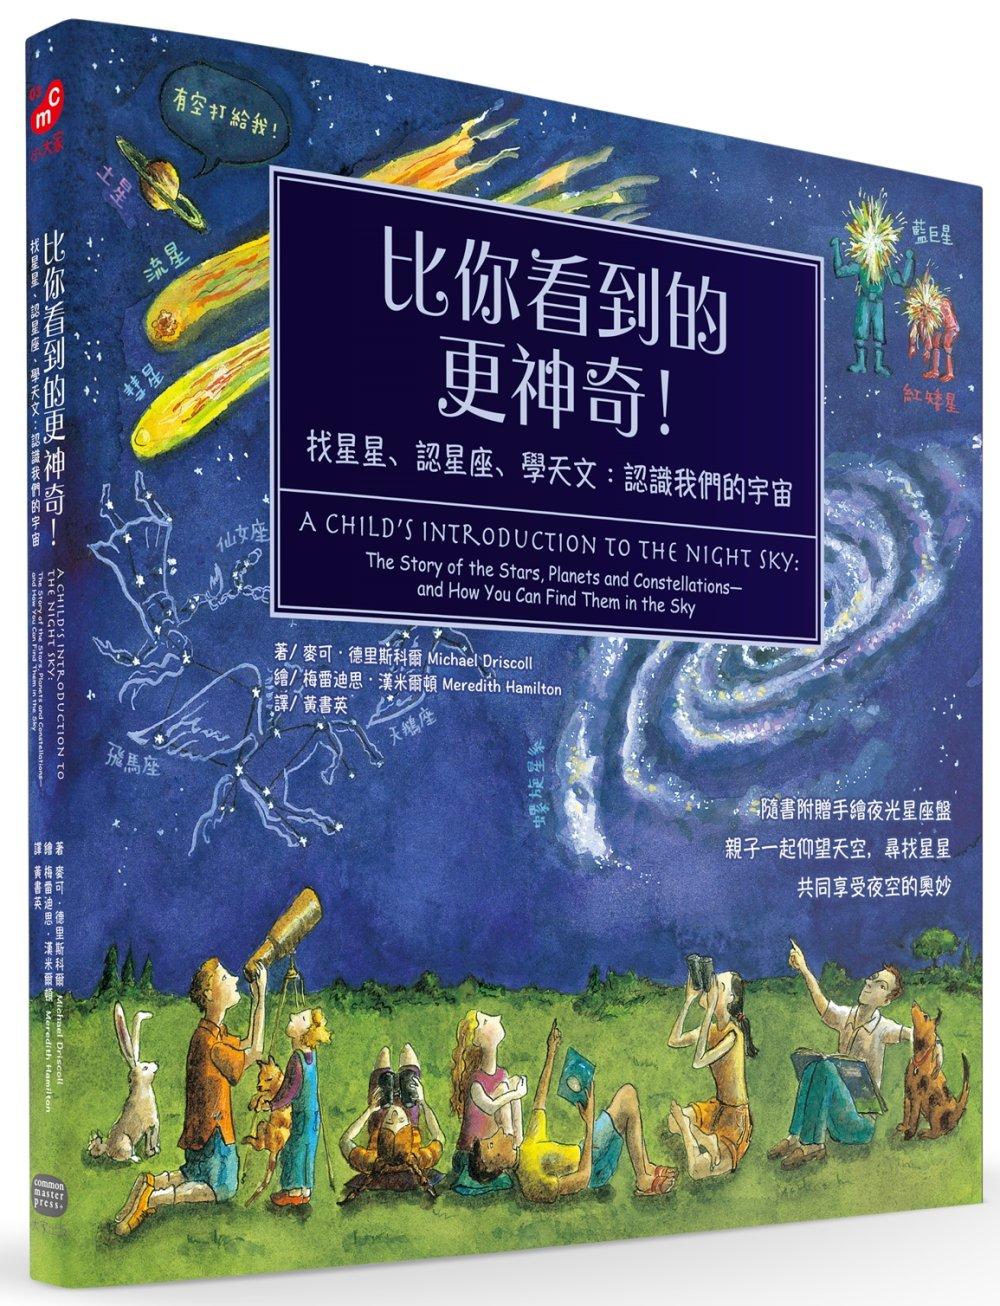 ◤博客來BOOKS◢ 暢銷書榜《推薦》比你看到的更神奇!找星星、認星座、學天文:認識我們的宇宙